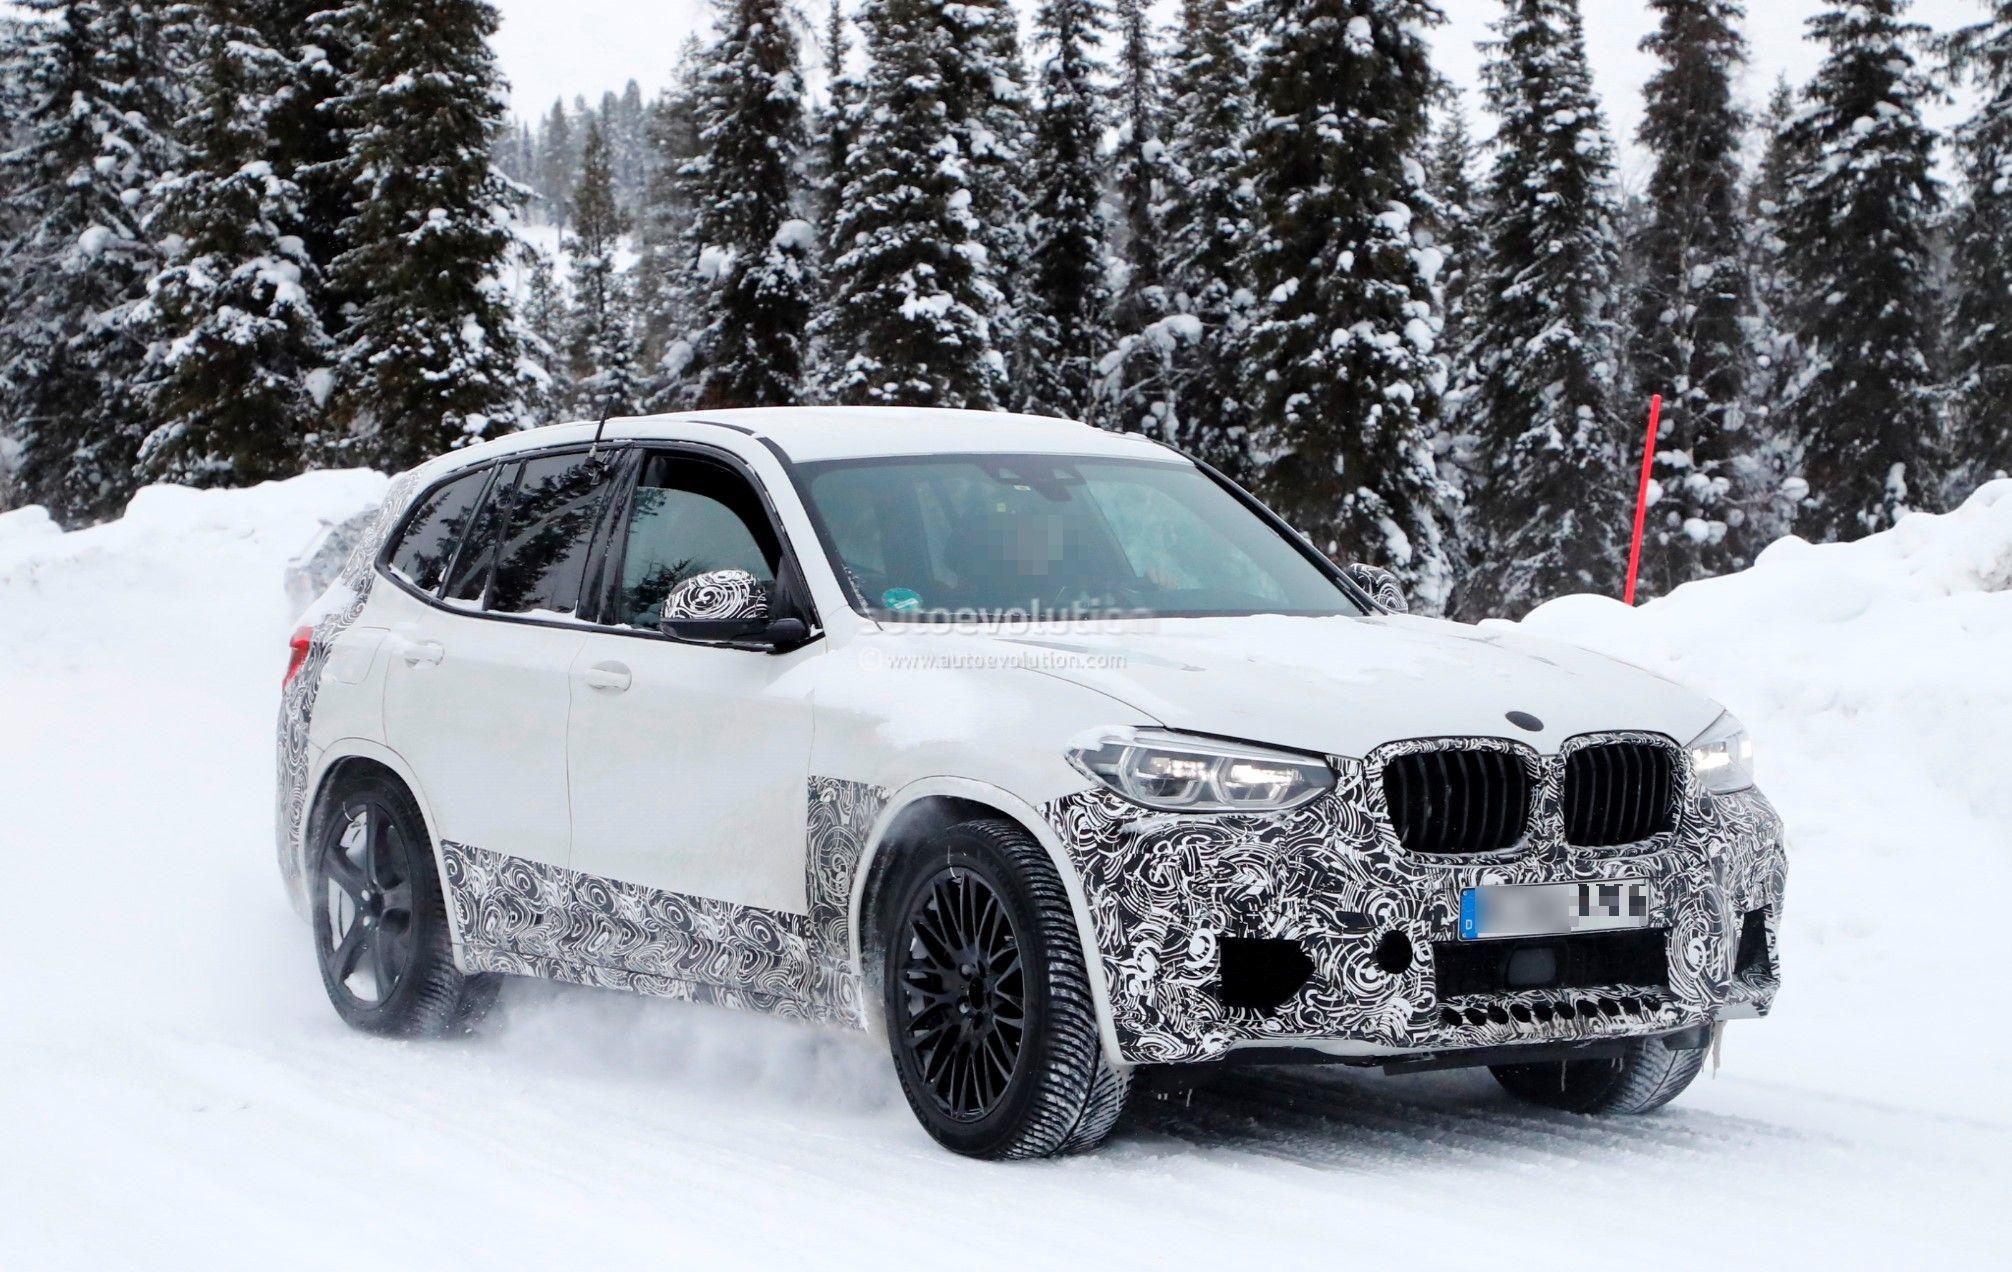 2019 BMW X3 M: V-6 Power, Design >> Spyshots 2019 Bmw X3 M Interior Reveals M5 Steering Wheel And Gear